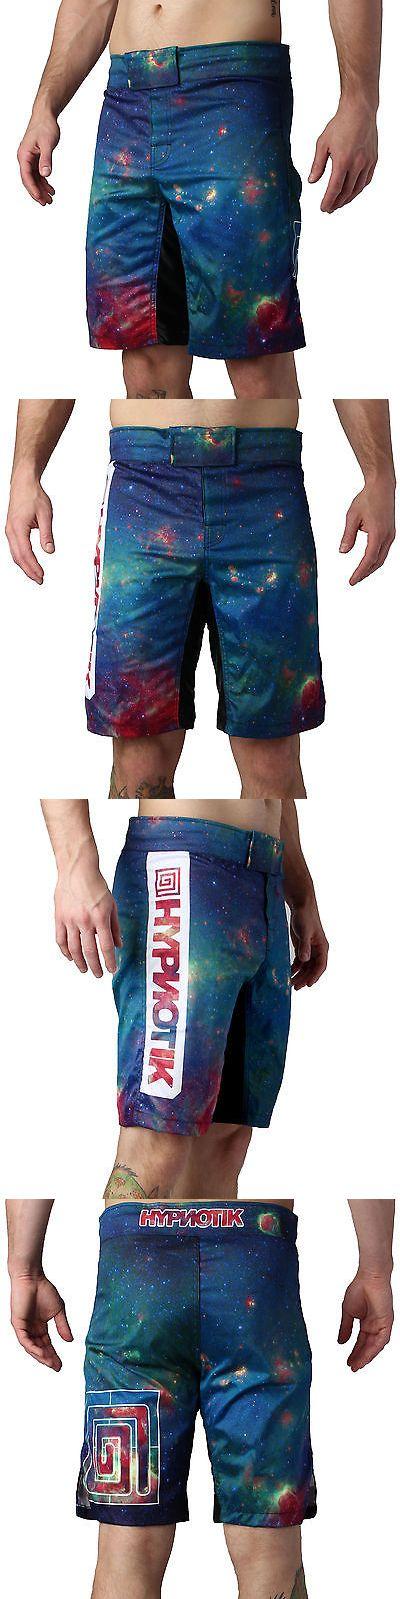 Shorts 73982: Hypnotik Interstellar Fight Shorts -> BUY IT NOW ONLY: $54.99 on eBay!